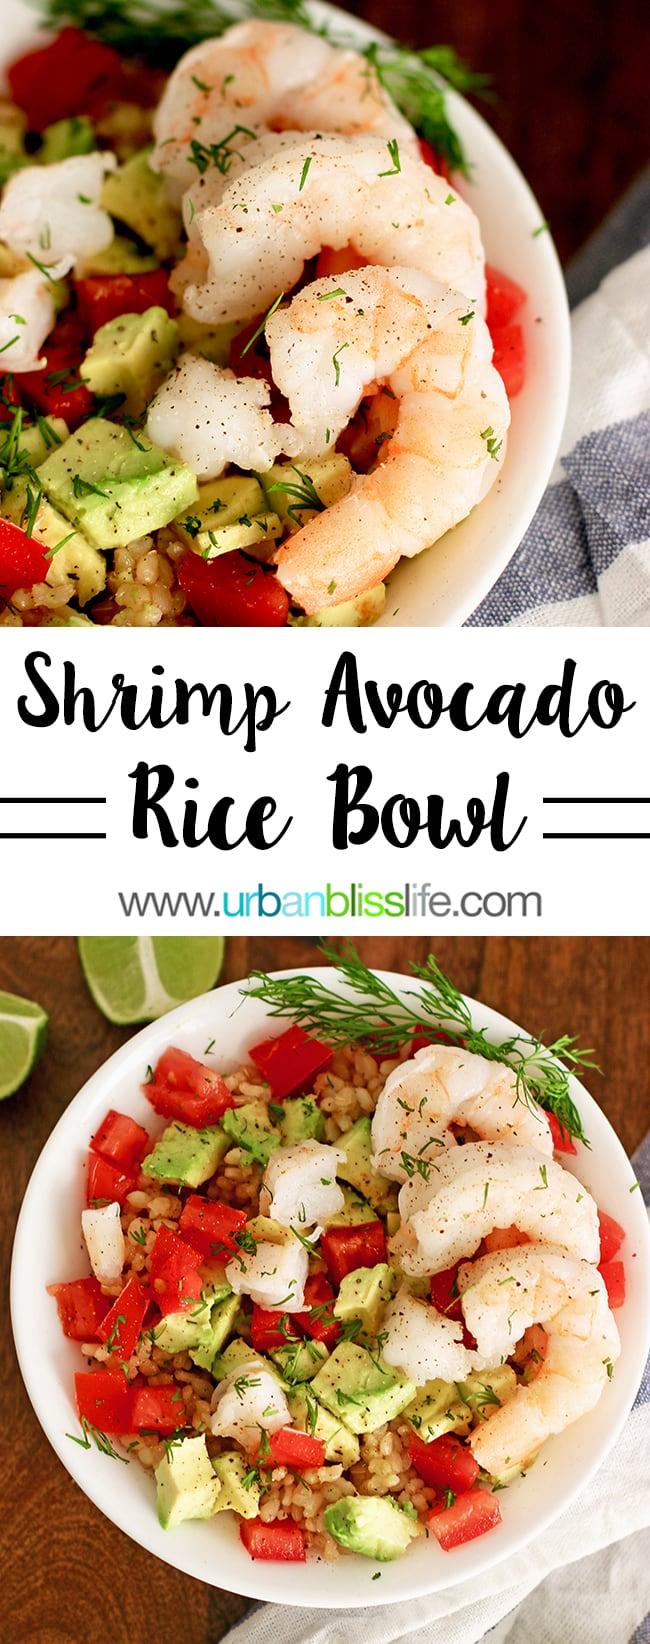 shrimp avocado rice bowl main image